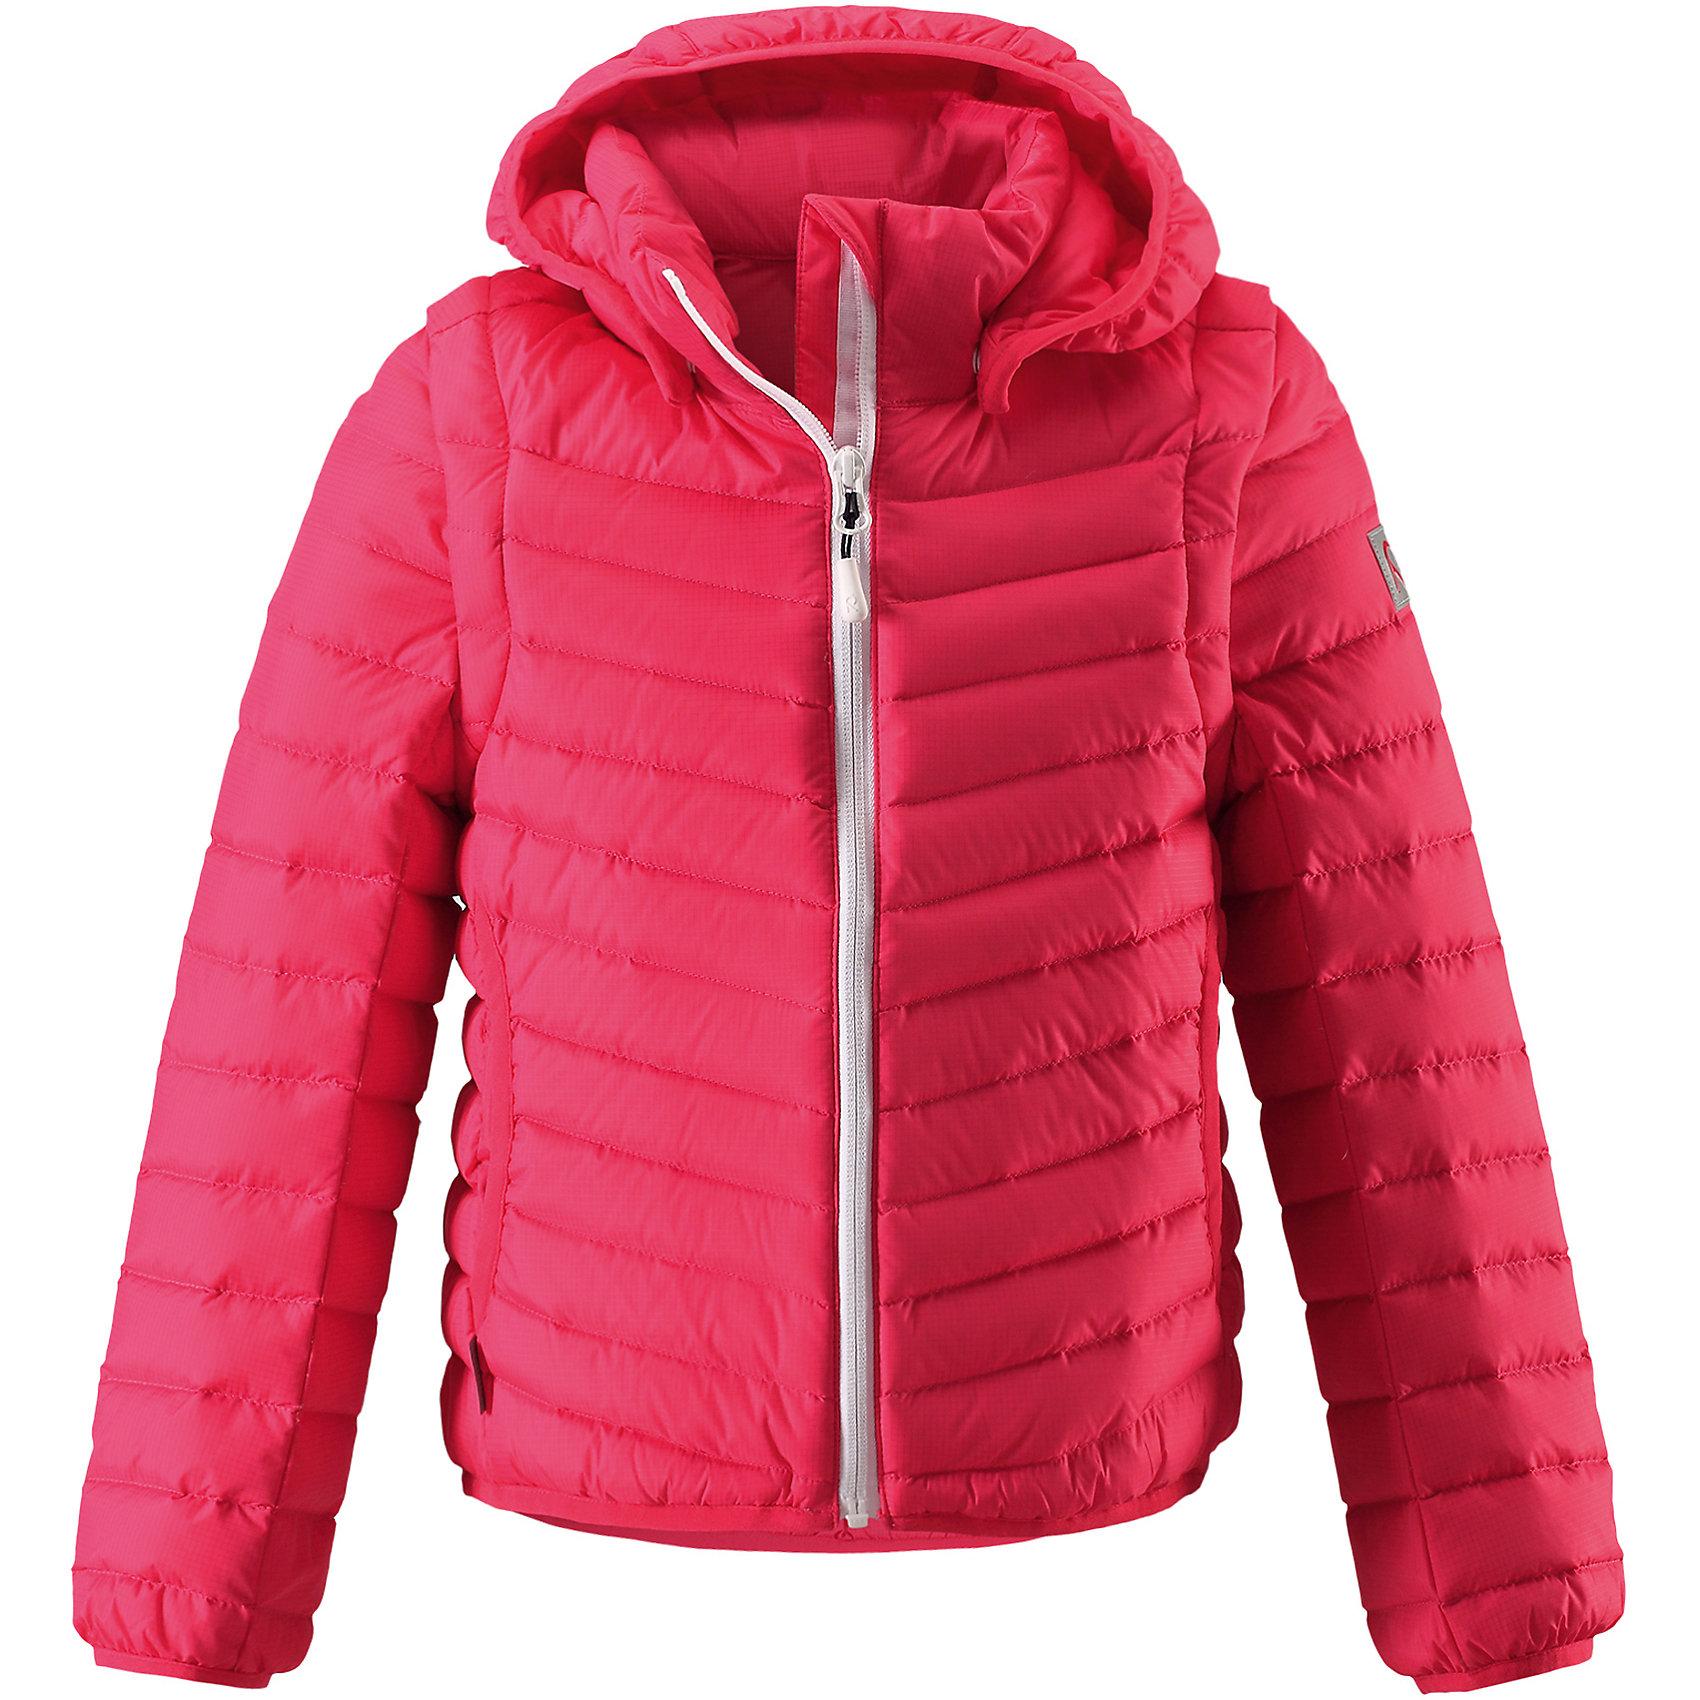 Куртка Float для девочки ReimaОдежда<br>Характеристики товара:<br><br>• цвет: розовый<br>• состав: 100% полиамид<br>• температурный режим: от 0°до +10°С<br>• легкий утеплитель: пух, перо 80/20<br>• износостойкость: 30000 (тест Мартиндейла)<br>• швы проклеены и водонепроницаемы<br>• ветронепроницаемый «дышащий» материал<br>• водоотталкивающий верх<br>• эластичная сборка по краю капюшона, на манжетах и на подоле<br>• отстегивающиеся рукава на молнии<br>• безопасный съёмный капюшон<br>• усовершенствованная молния - ни один зубчик больше не застрянет!<br>• два боковых кармана<br>• светоотражающие детали<br>• комфортная посадка<br>• страна производства: Китай<br>• страна бренда: Финляндия<br>• коллекция: весна-лето 2017<br><br>Верхняя одежда для детей может быть модной и комфортной одновременно! Демисезонная куртка поможет обеспечить ребенку комфорт и тепло. Она отлично смотрится с различной одеждой и обувью. Изделие удобно сидит и модно выглядит. Материал - прочный, хорошо подходящий для межсезонья. Стильный дизайн разрабатывался специально для детей.<br><br>Одежда и обувь от финского бренда Reima пользуется популярностью во многих странах. Эти изделия стильные, качественные и удобные. Для производства продукции используются только безопасные, проверенные материалы и фурнитура. Порадуйте ребенка модными и красивыми вещами от Reima! <br><br>Куртку для девочки Reimatec® от финского бренда Reima (Рейма) можно купить в нашем интернет-магазине.<br><br>Ширина мм: 356<br>Глубина мм: 10<br>Высота мм: 245<br>Вес г: 519<br>Цвет: розовый<br>Возраст от месяцев: 72<br>Возраст до месяцев: 84<br>Пол: Женский<br>Возраст: Детский<br>Размер: 122,104,116,128,134,140,158,146,110,152,164<br>SKU: 5267712